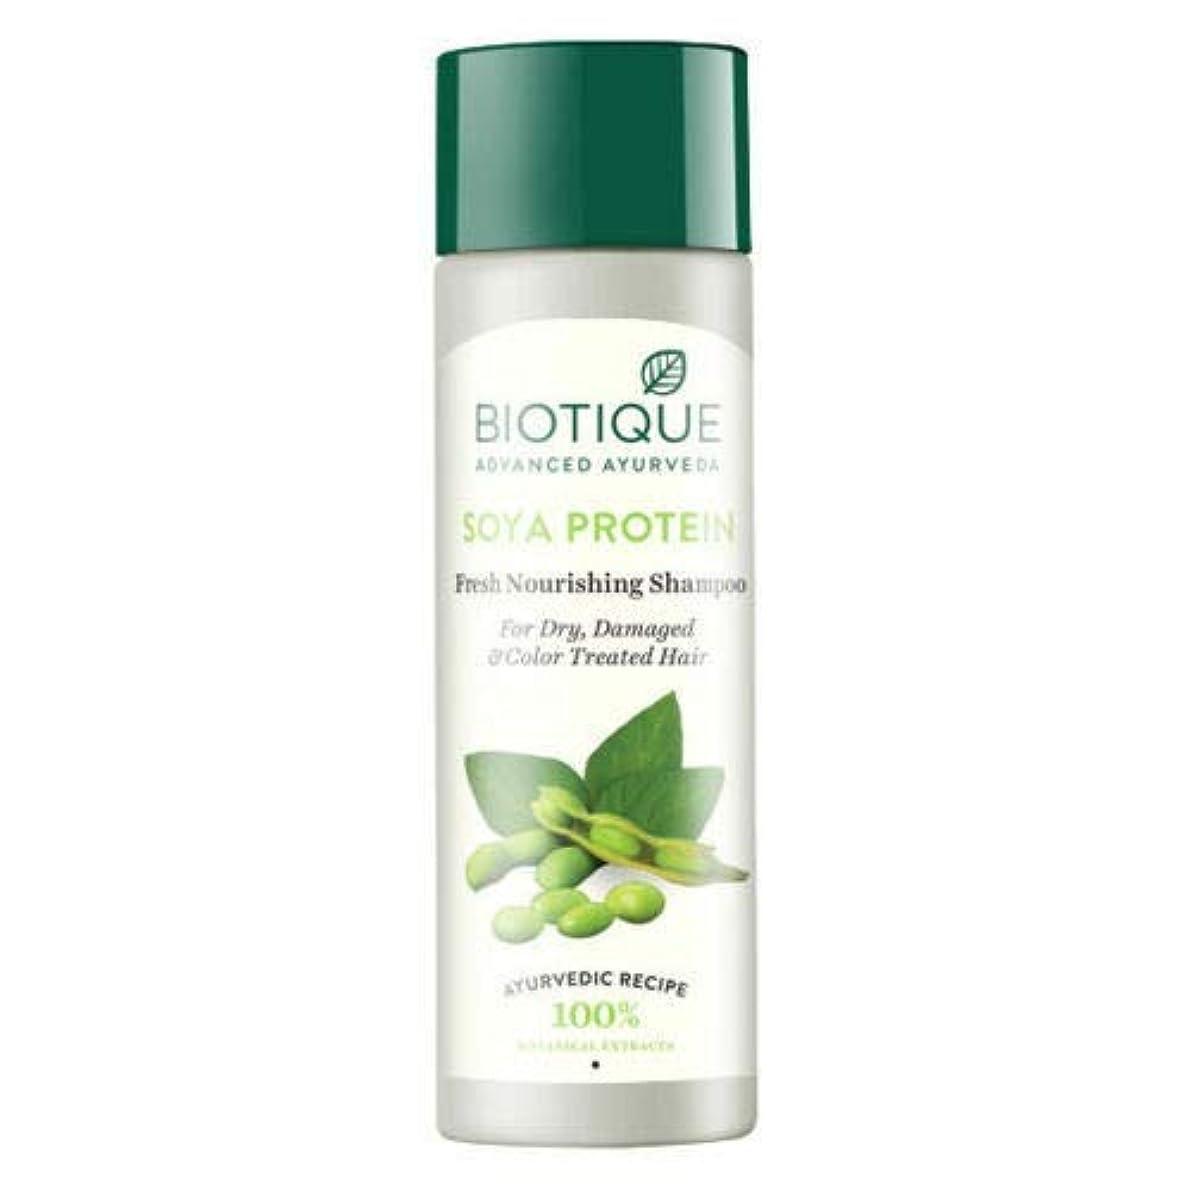 作物先のことを考えるインタラクションBiotique Bio Soya Protein Fresh Nourishing Shampoo (190 ml) For Dry Hairs 乾いた毛のためのBiotiqueバイオ大豆タンパク質新鮮な栄養シャンプー